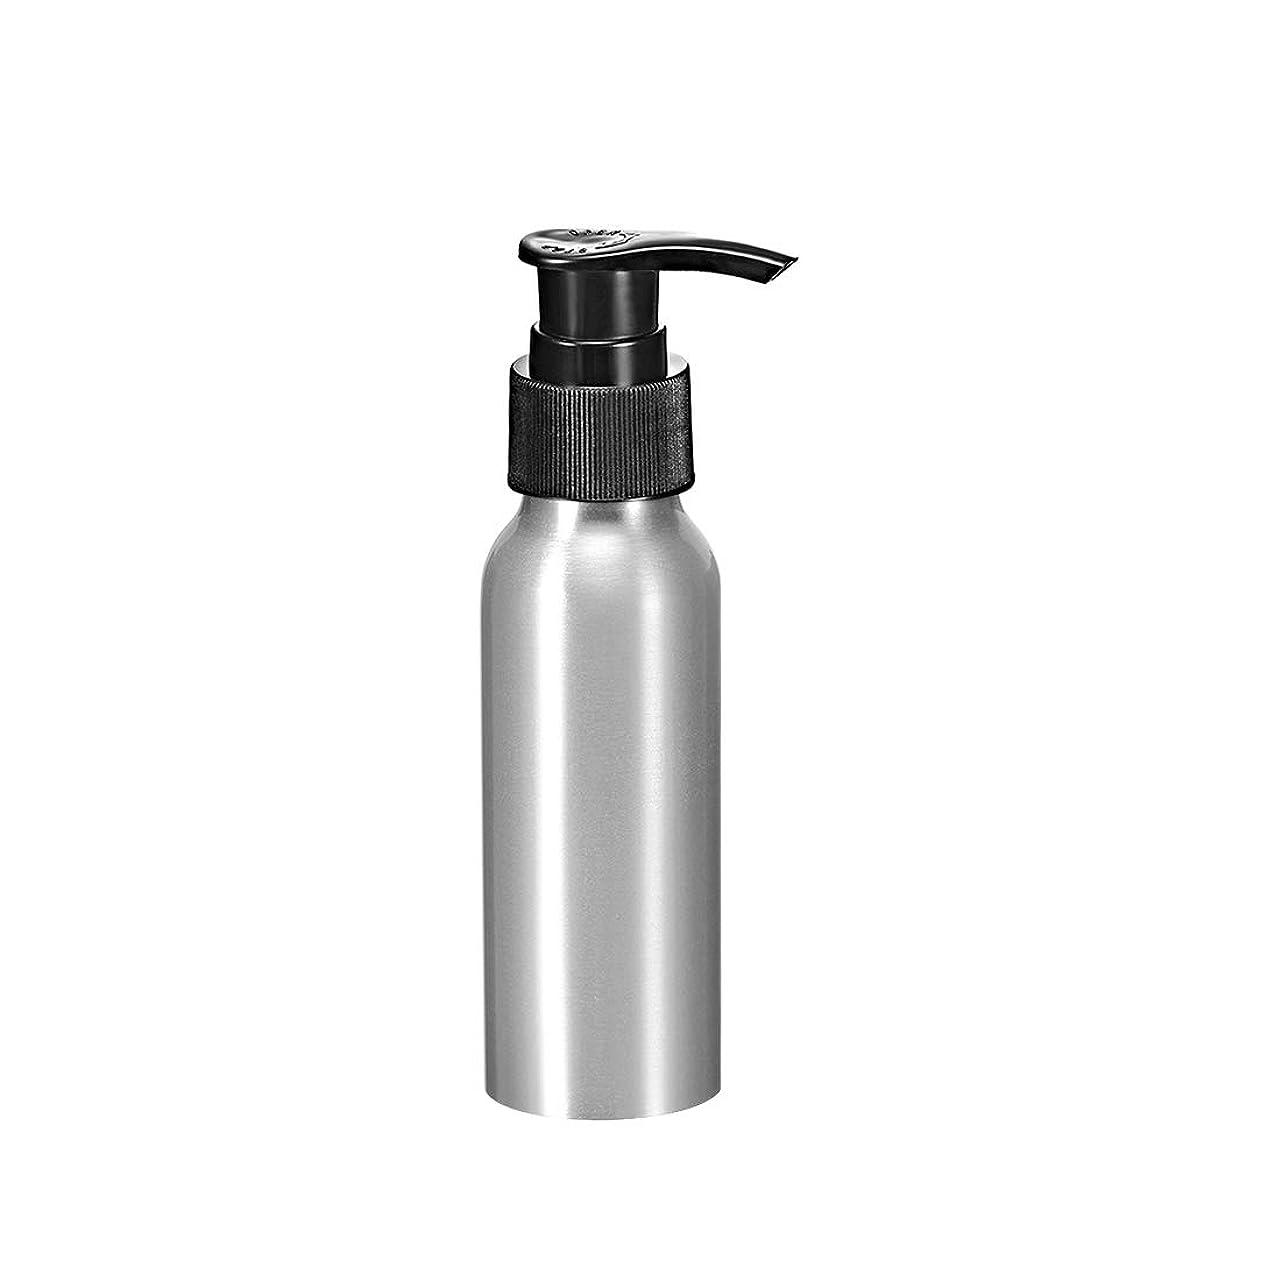 物理佐賀ノートuxcell uxcell アルミスプレーボトル ブラックファインミストスプレー付き 空の詰め替え式コンテナ トラベルボトル 2.7oz/80ml